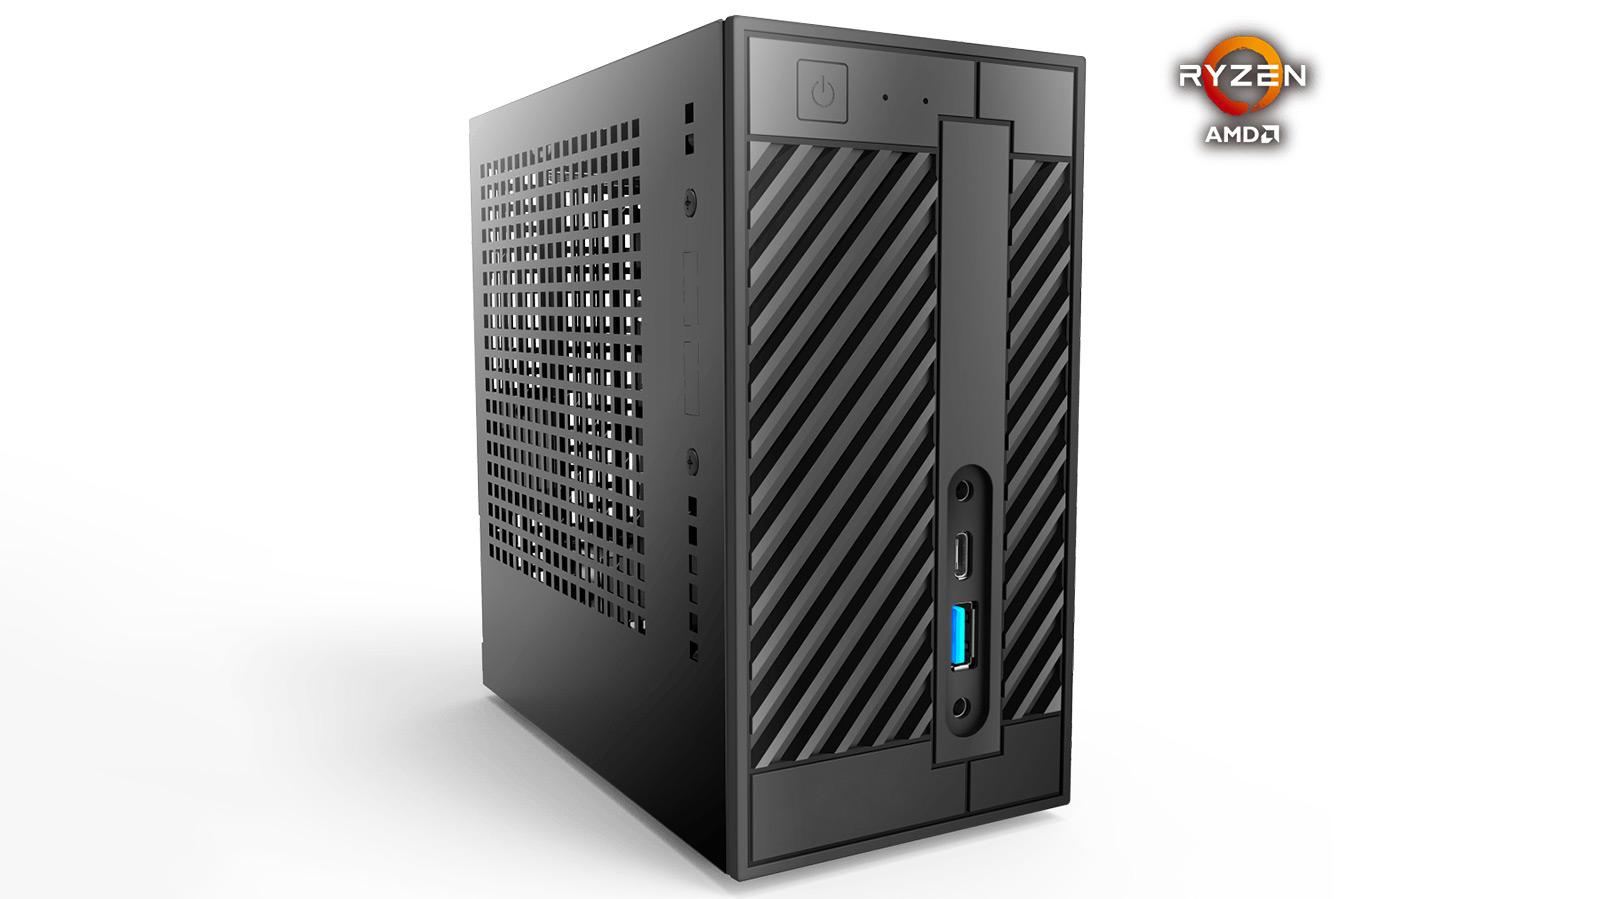 ASRock DeskMini X300 Zen APU berriarekin 2 sarean aurkitu